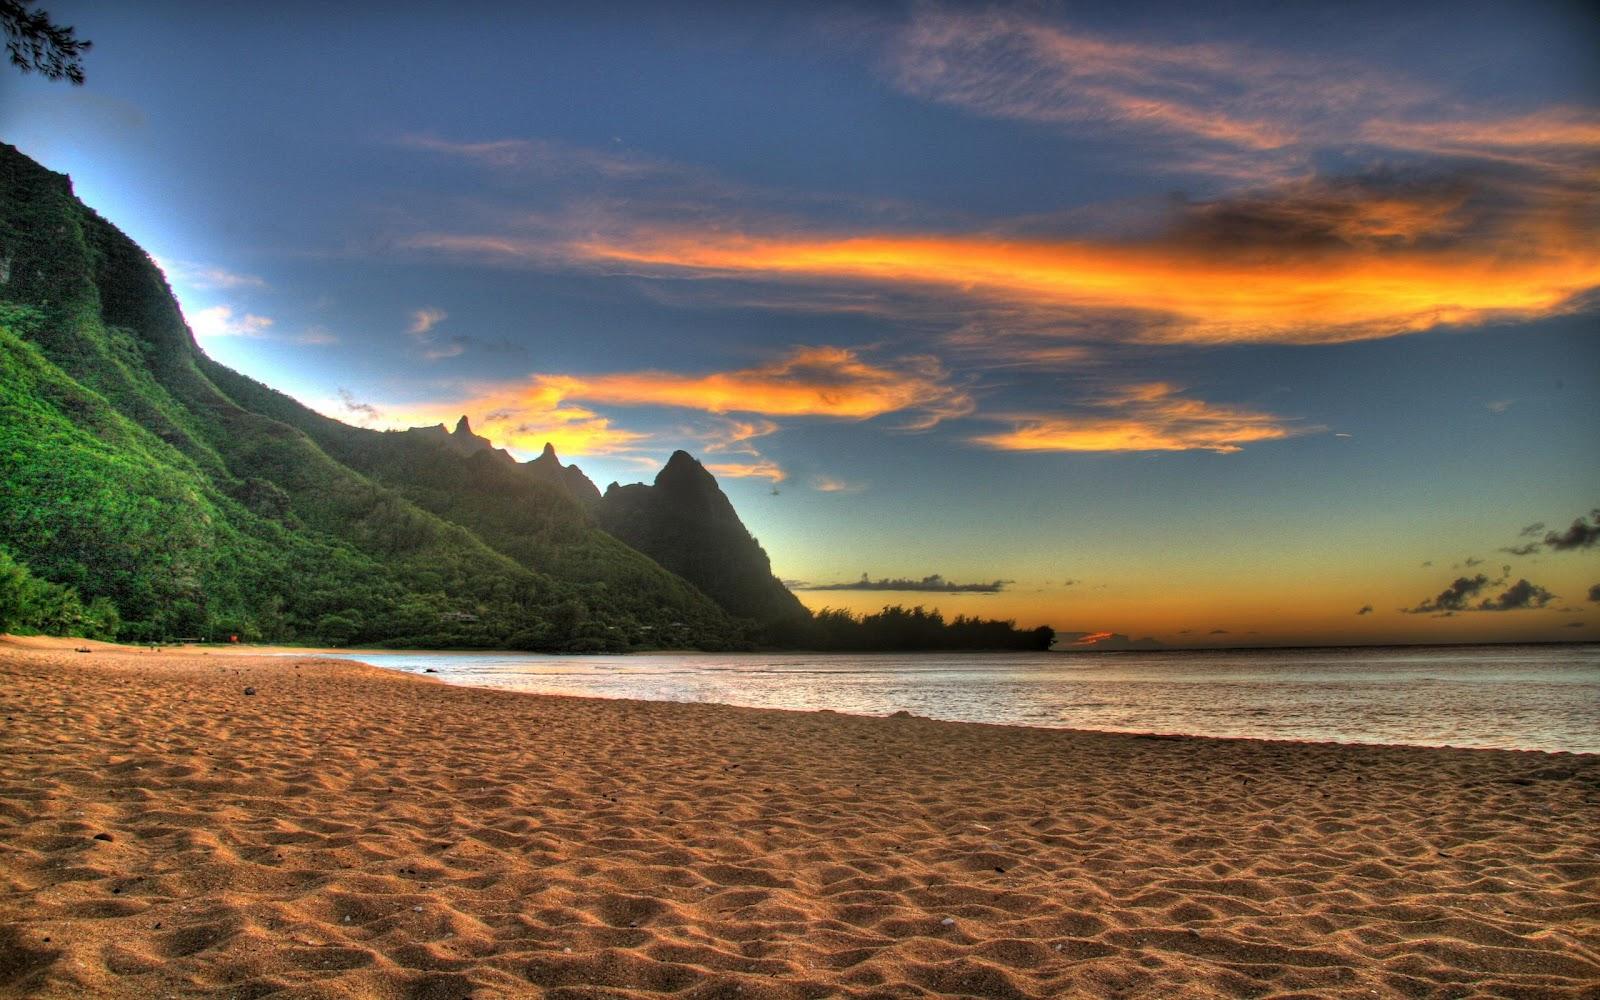 Beach Wallpaper Backgrounds Beach Sunset Photography Effect Wallpaper